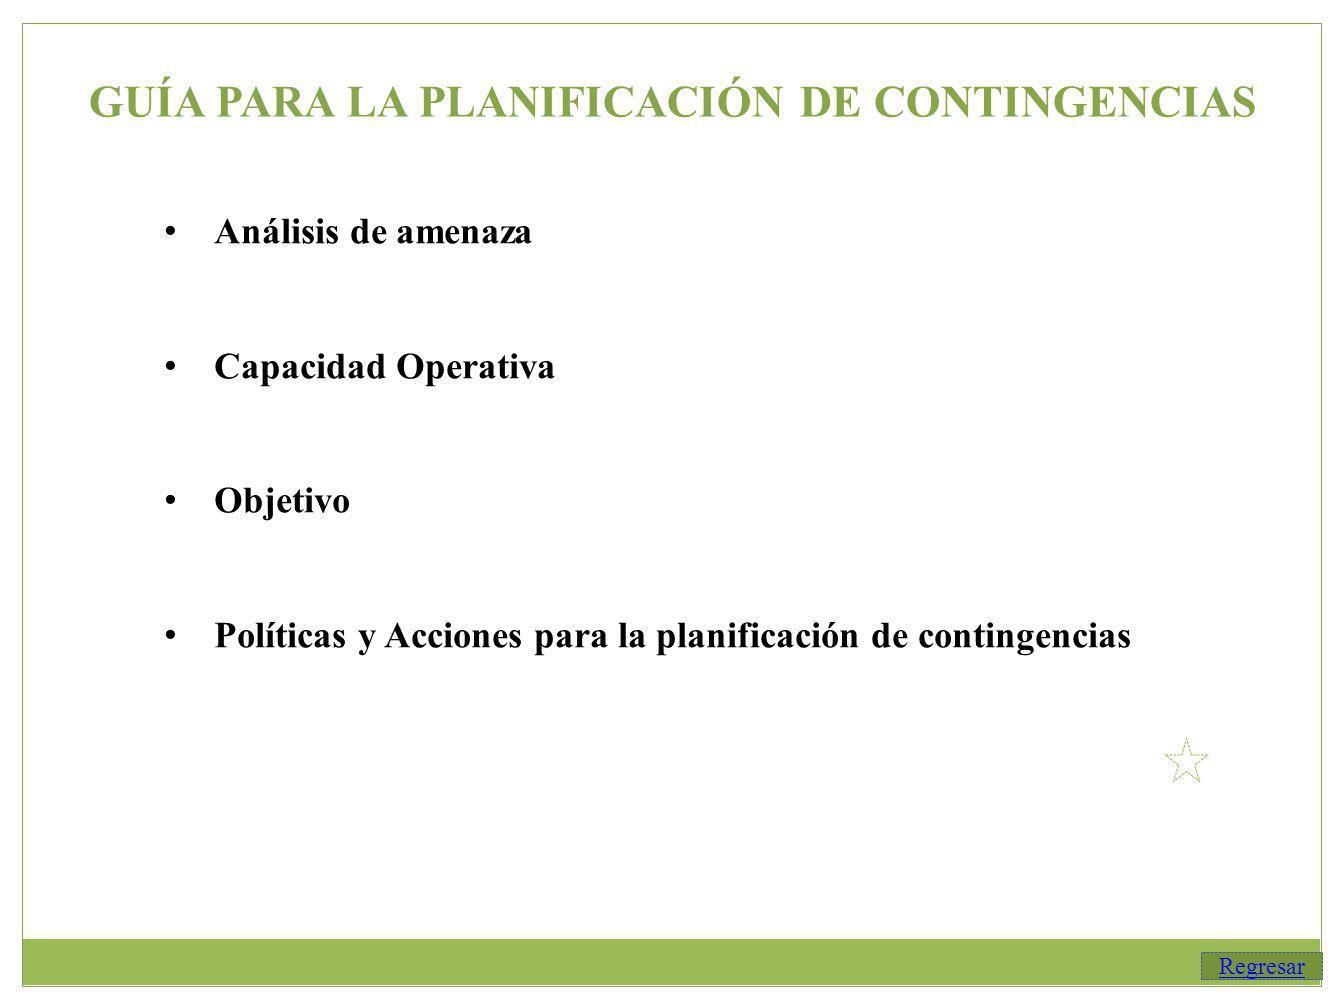 GUÍA PARA LA PLANIFICACIÓN DE CONTINGENCIAS Análisis de amenaza Capacidad Operativa Objetivo Políticas y Acciones para la planificación de contingencias Regresar